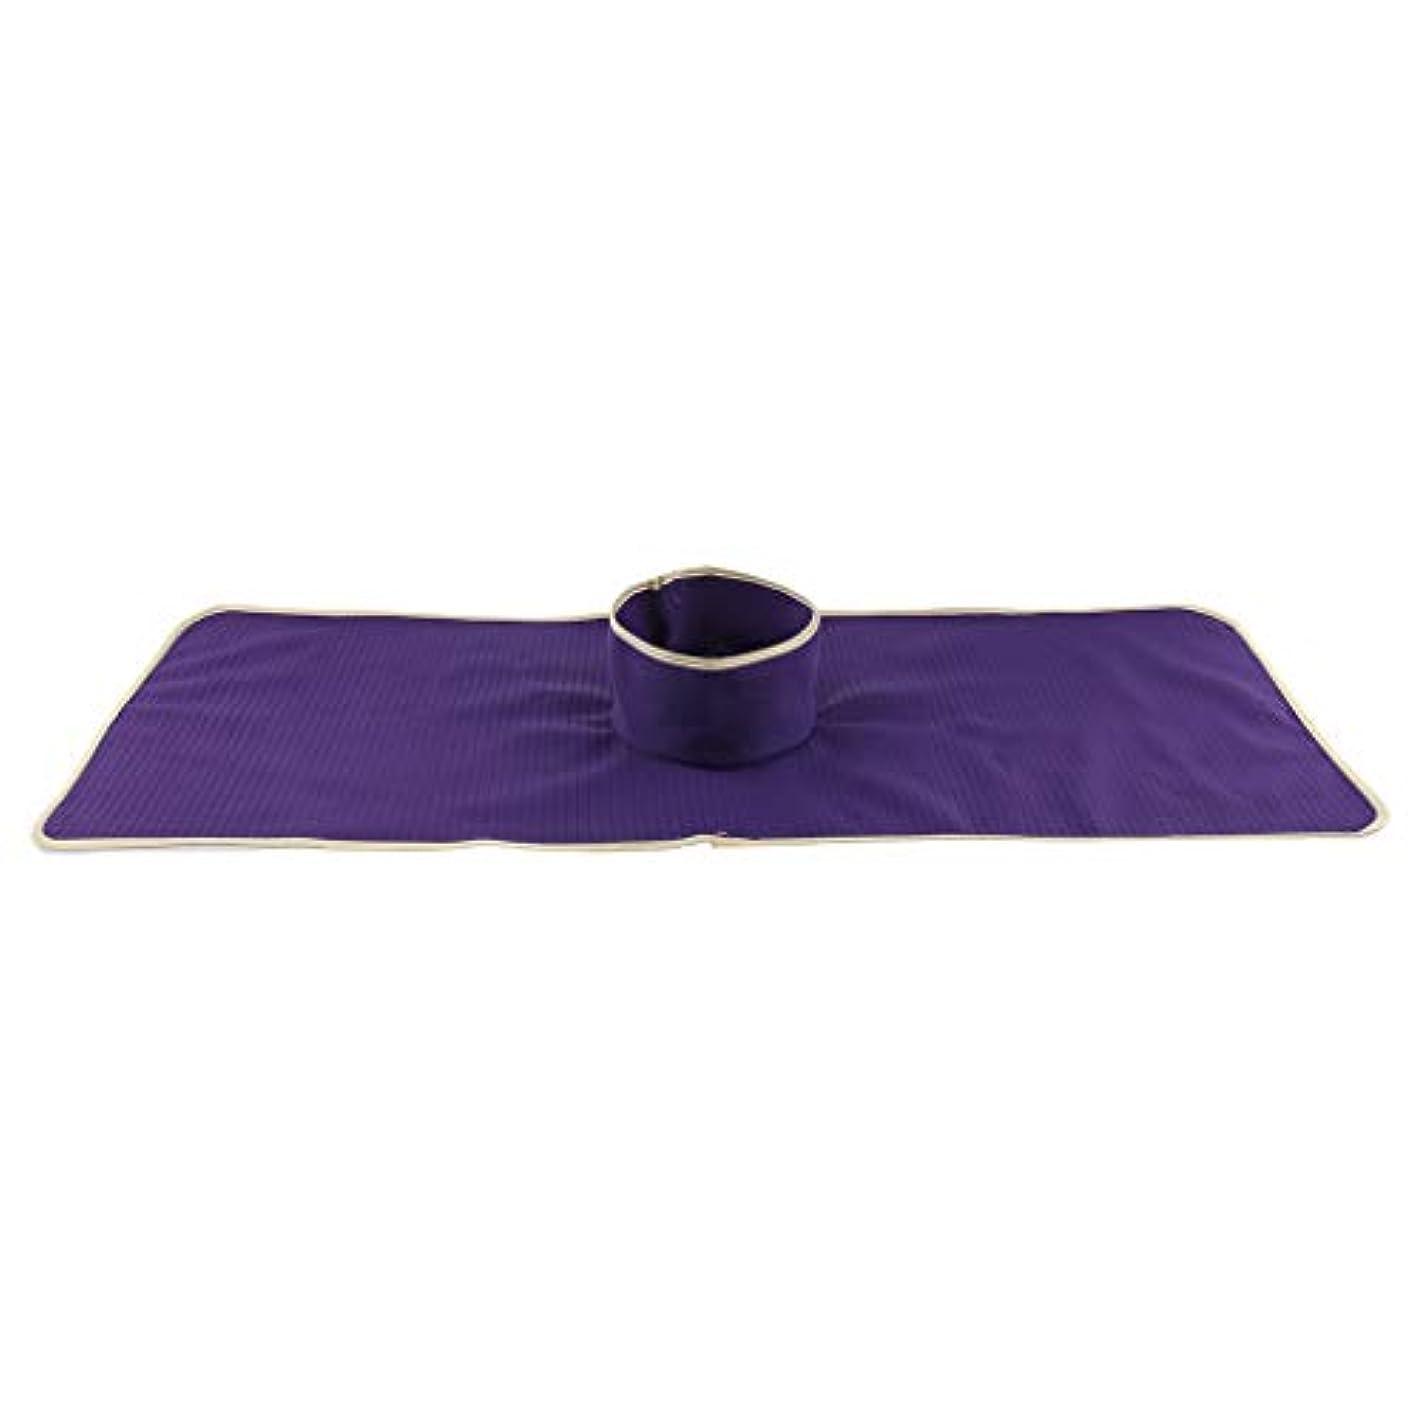 FLAMEER マッサージのベッド用 パッド マット 顔の穴付き 洗える 約90×35cm 全3色 - 紫